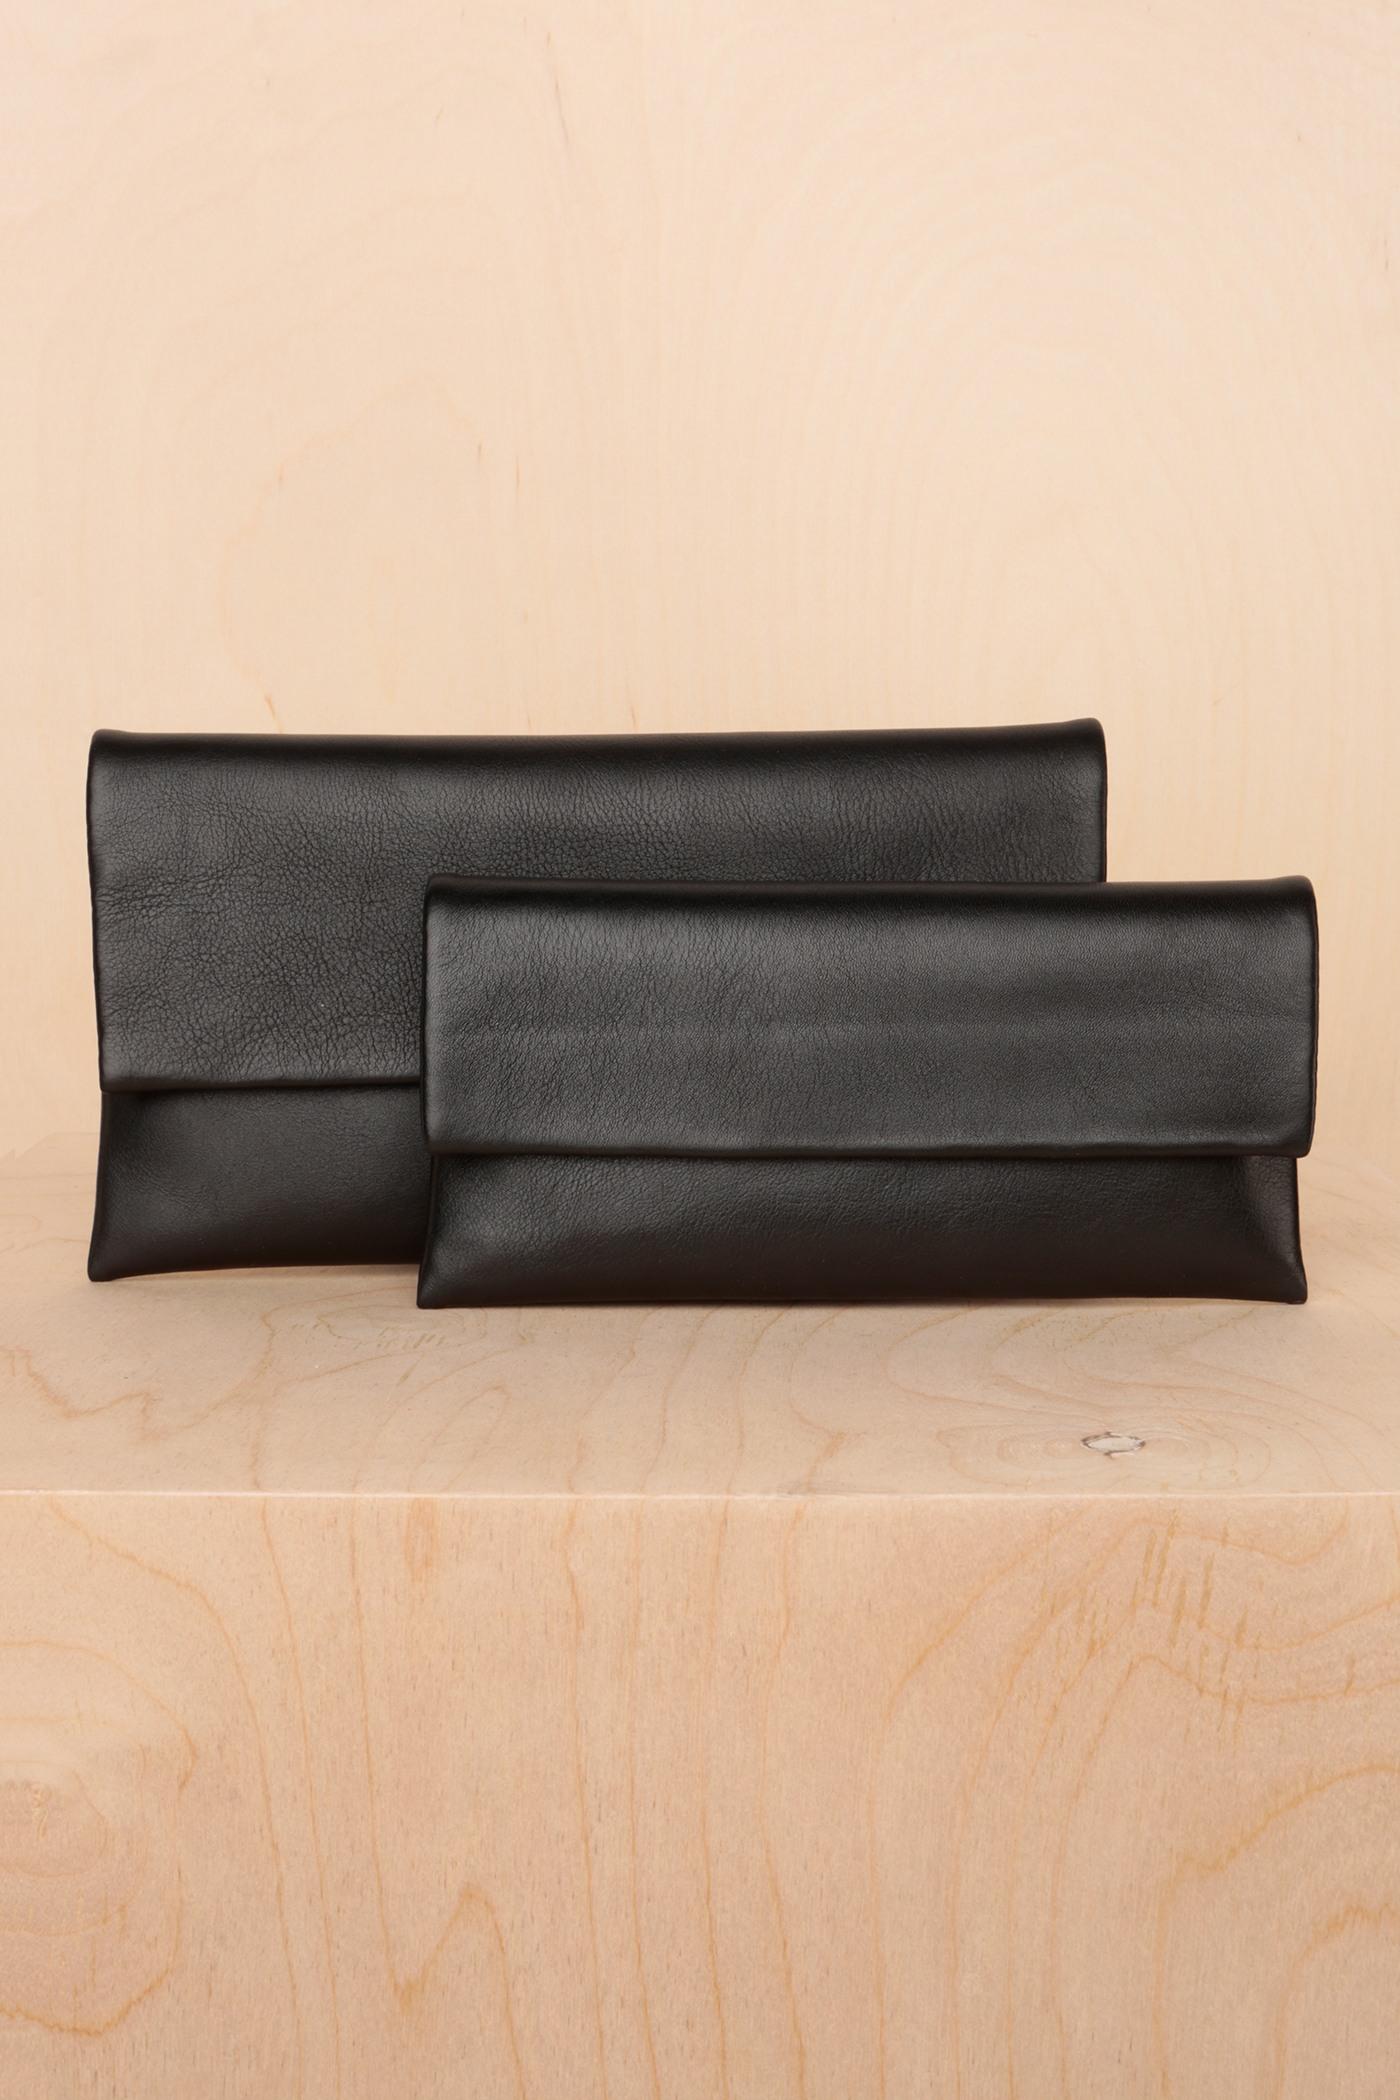 Клатч-кошелек в размере S или MКлатч из гладкой мягкой кожи на выбор в двух размерах, застегивается на потайные замки-магниты. Внутреннее отделение на подкладке с разделенным карманом. С одной стороны расположен маленький карман, а с другой — карман для пластиковых карт.&#13;<br>&#13;<br>Размеры:&#13;<br>в размере S: высота 10,5 х20,5 см&#13;<br>в размере M: высота 13,5 х 24 см<br><br>Цвет: Черный, Красный, Капучино<br>Размер: M, S